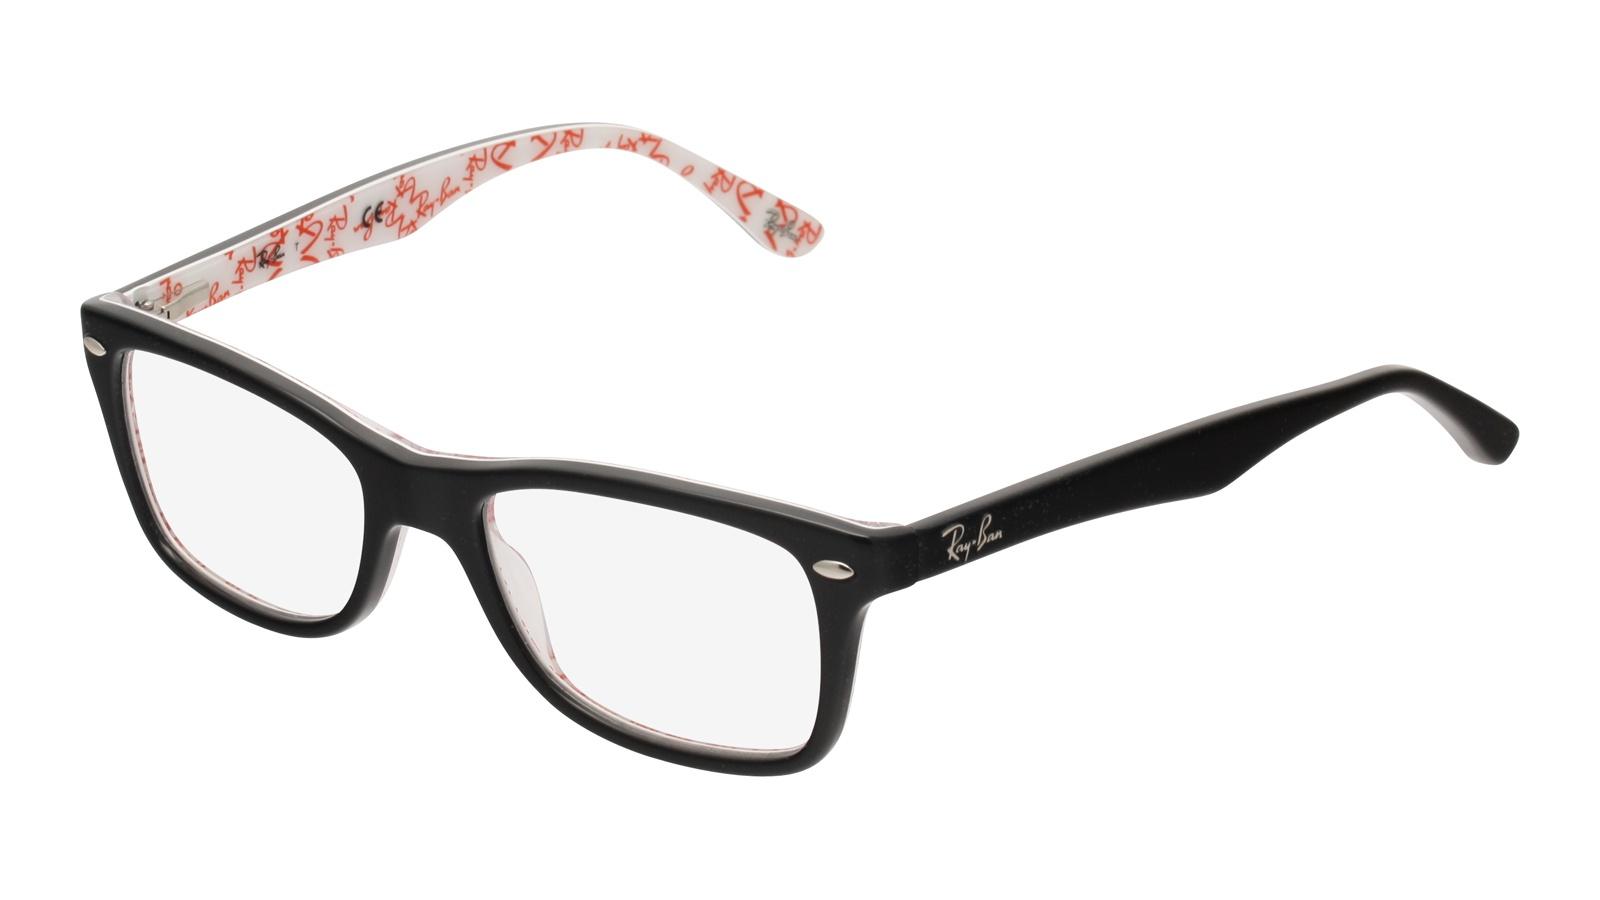 Lunettes de vue : les stars aiment les lunettes